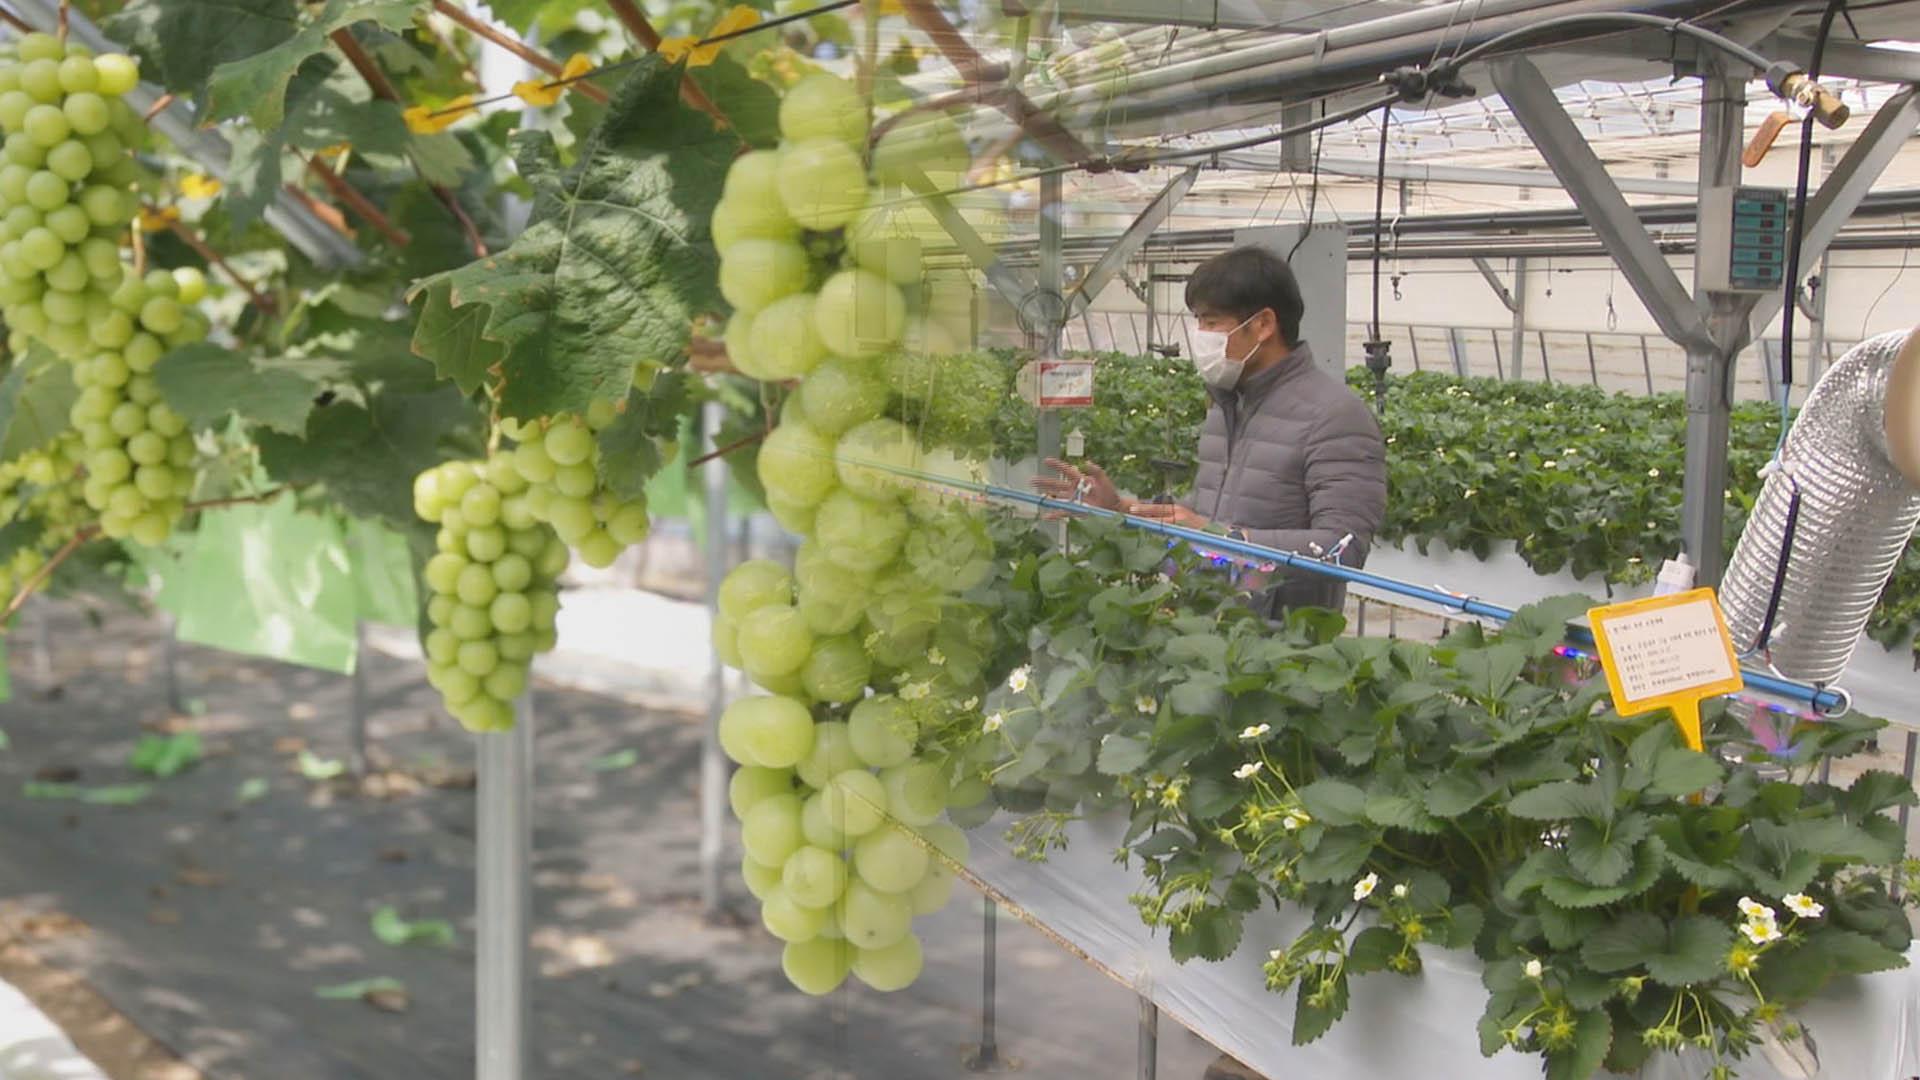 품질·생산성 높이는 스마트팜…농가소득 증대 일등공신